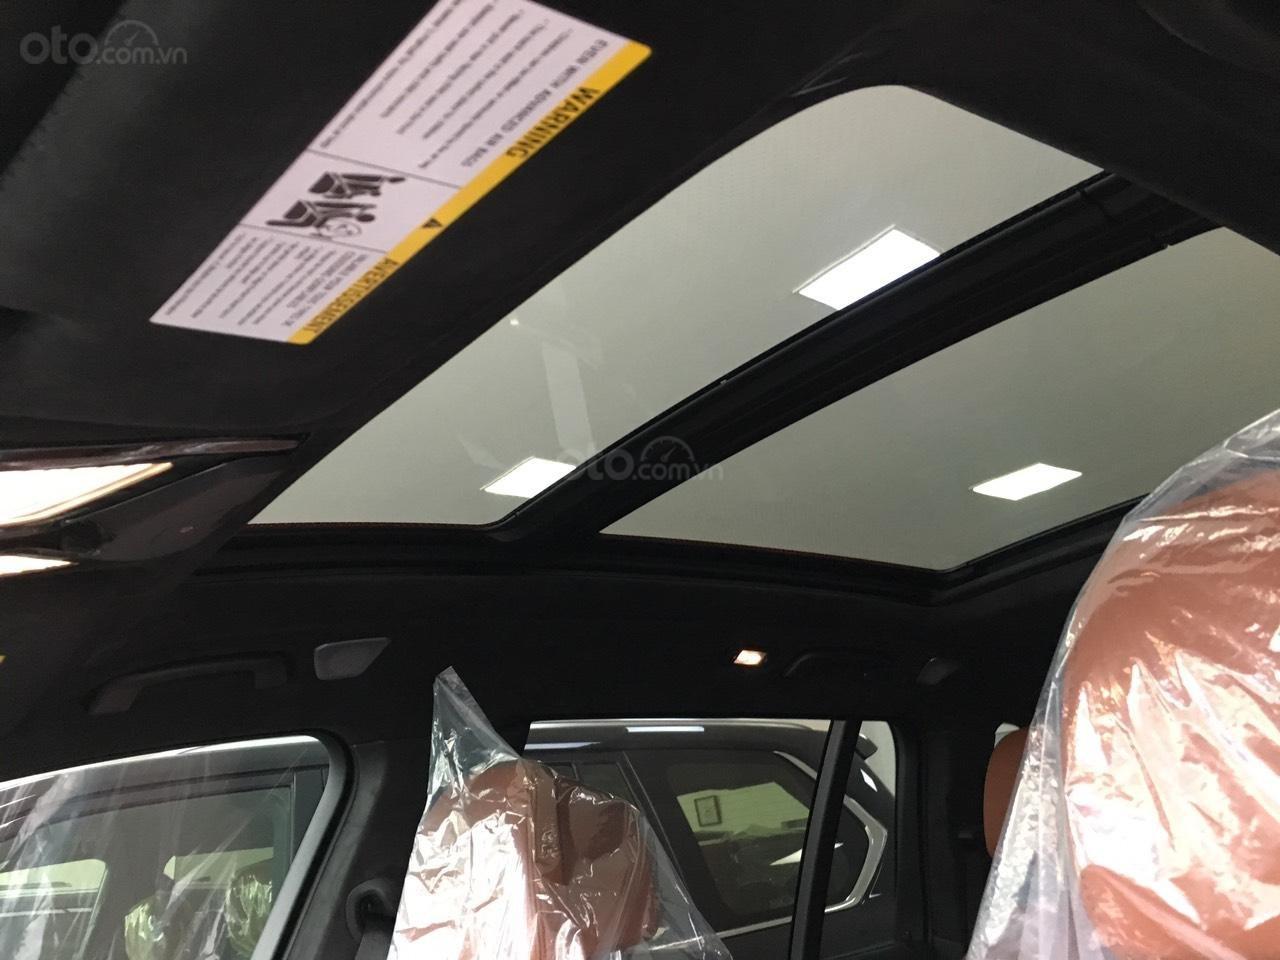 Bán xe BMW X7 xDrive 40i đời 2020, giá tốt, giao ngay toàn quốc - LH 093.996.2368 Ms. Ngọc Vy (4)